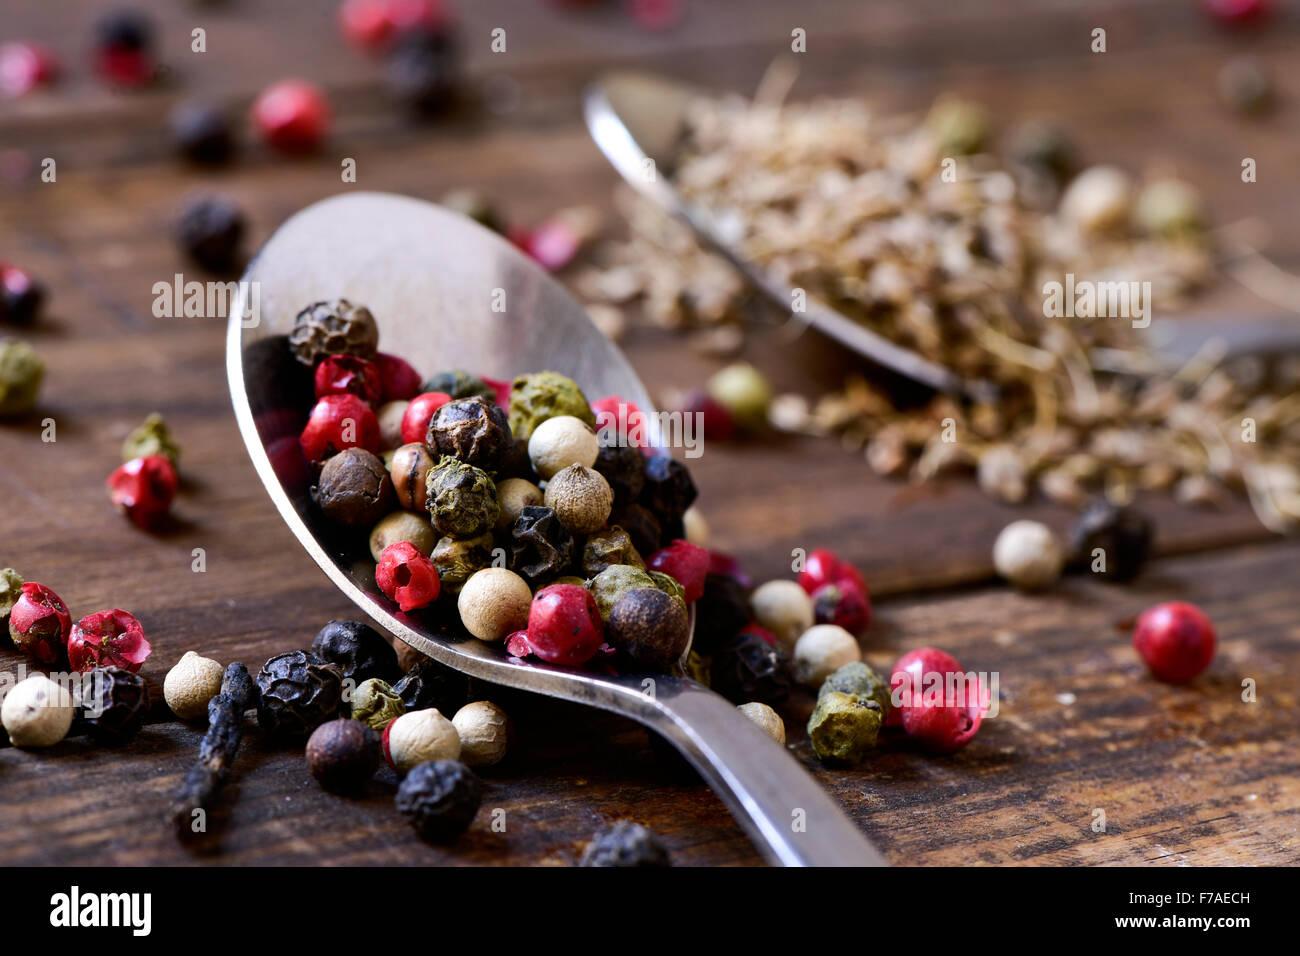 Primer plano de una cuchara con una gran variedad de granos de pimienta, tales como la pimienta rosa, pimienta negra, Foto de stock